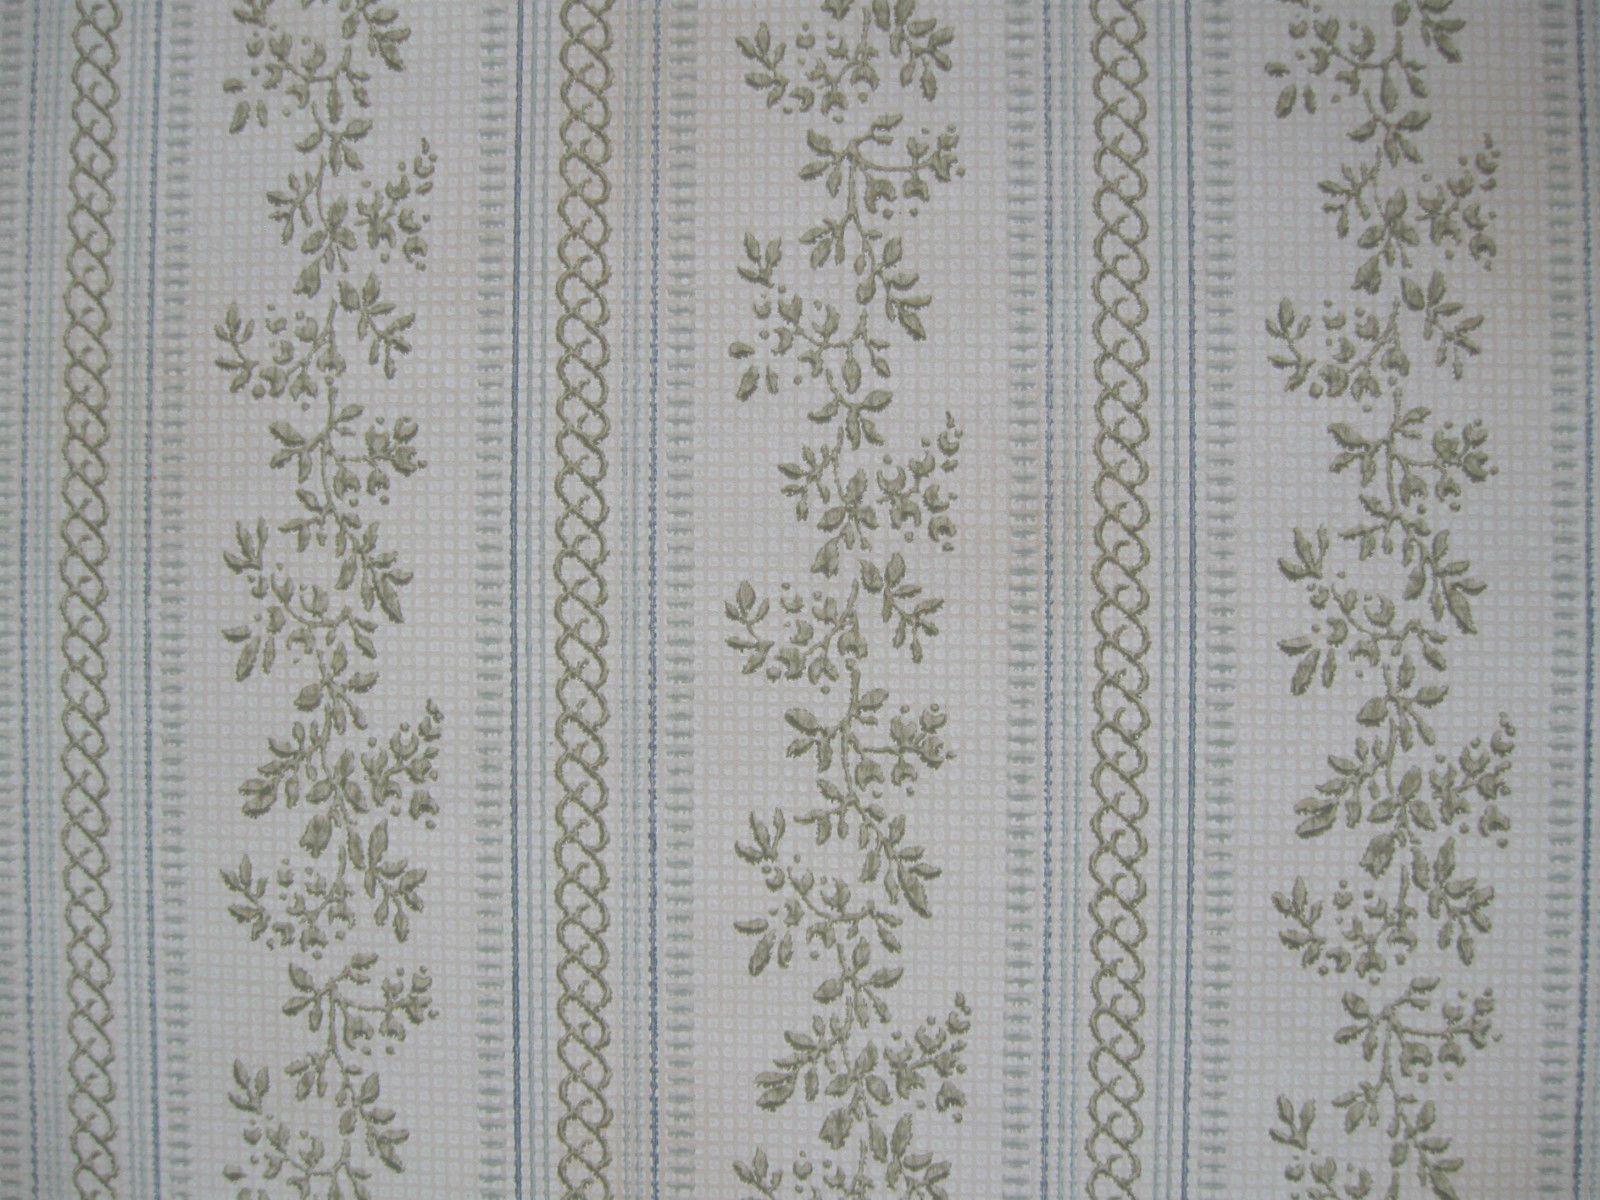 1 Rouleau De Papier Peint Ancien Tapisserie Murale Vintage Roll Wallpaper N 186 Eur 10 00 Tapisserie Murale Papier Peint Parement Mural